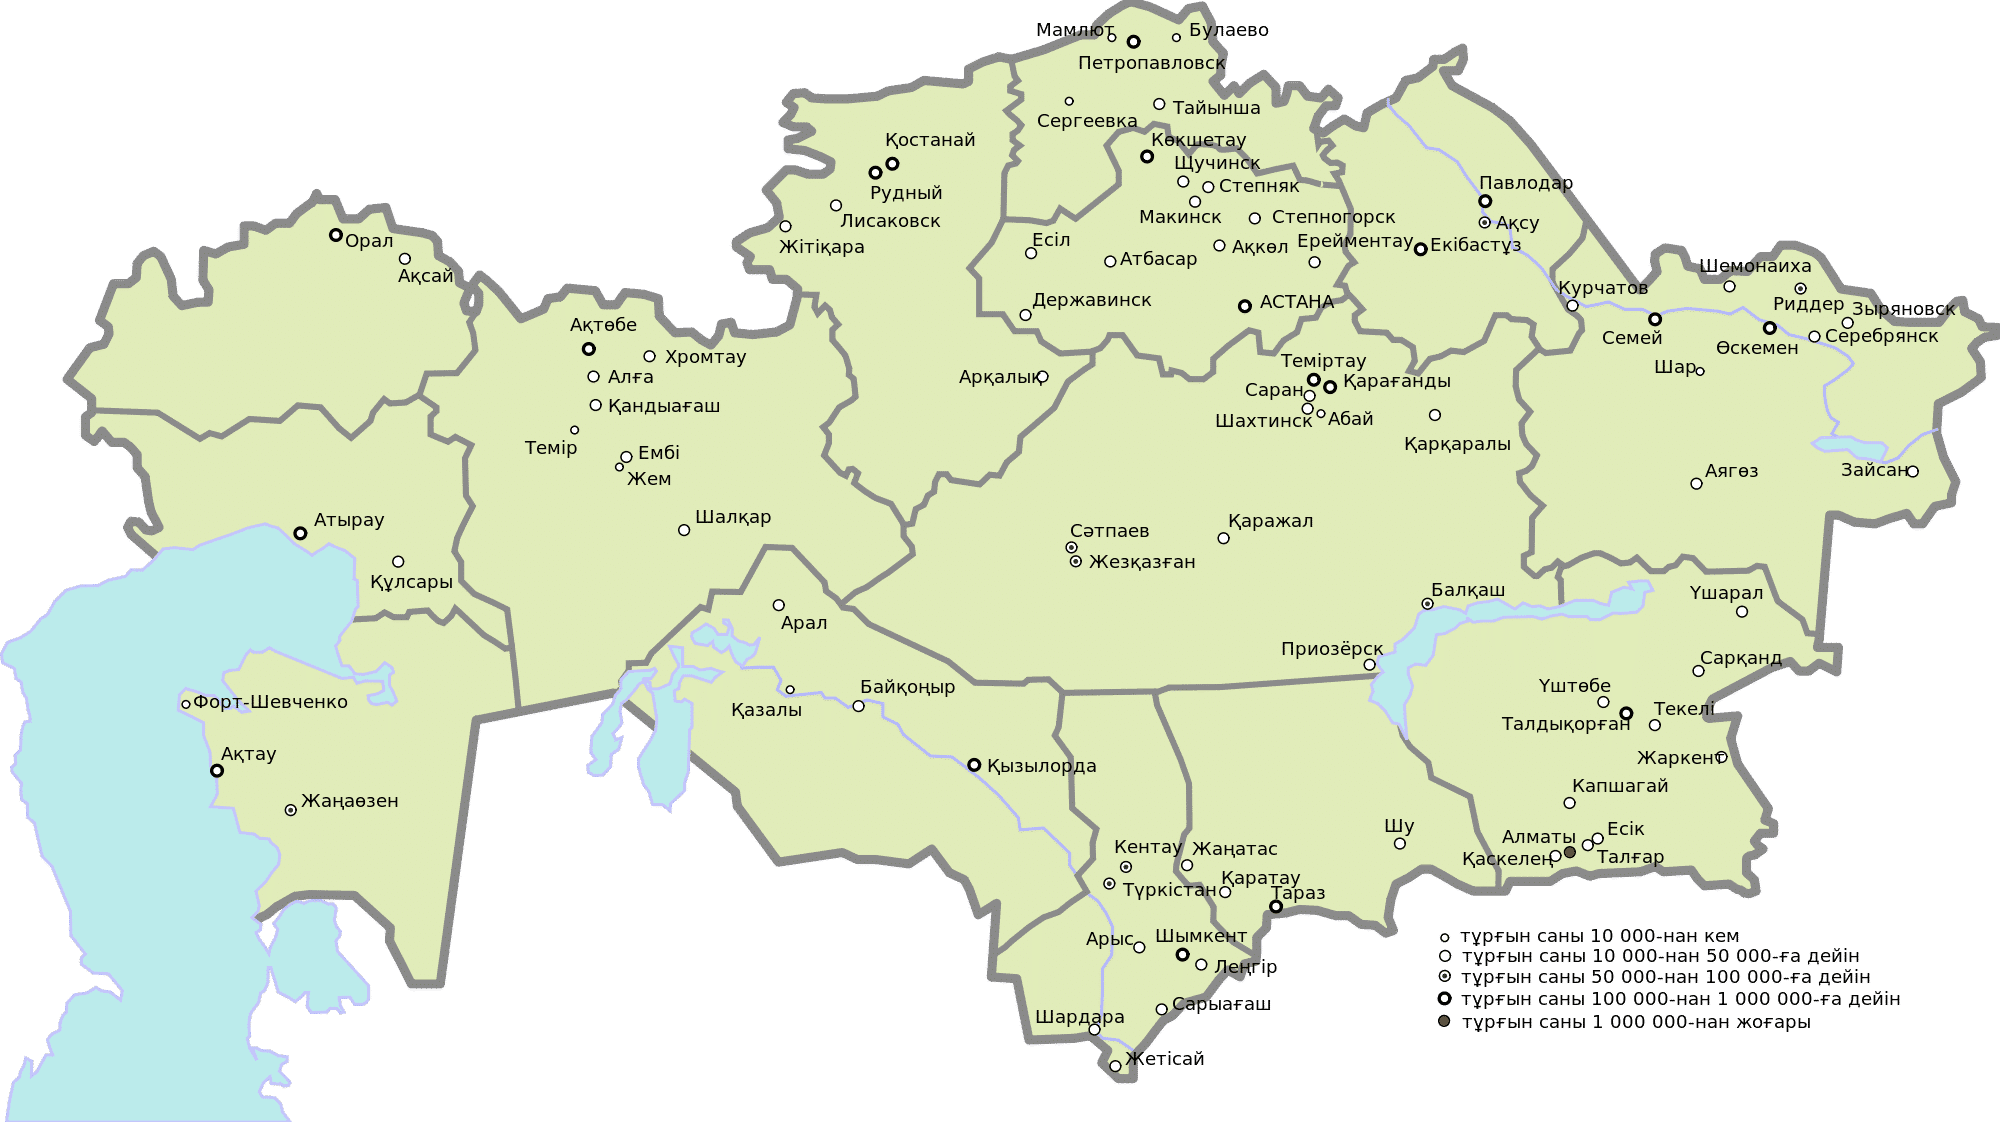 Қазақстан қалалары